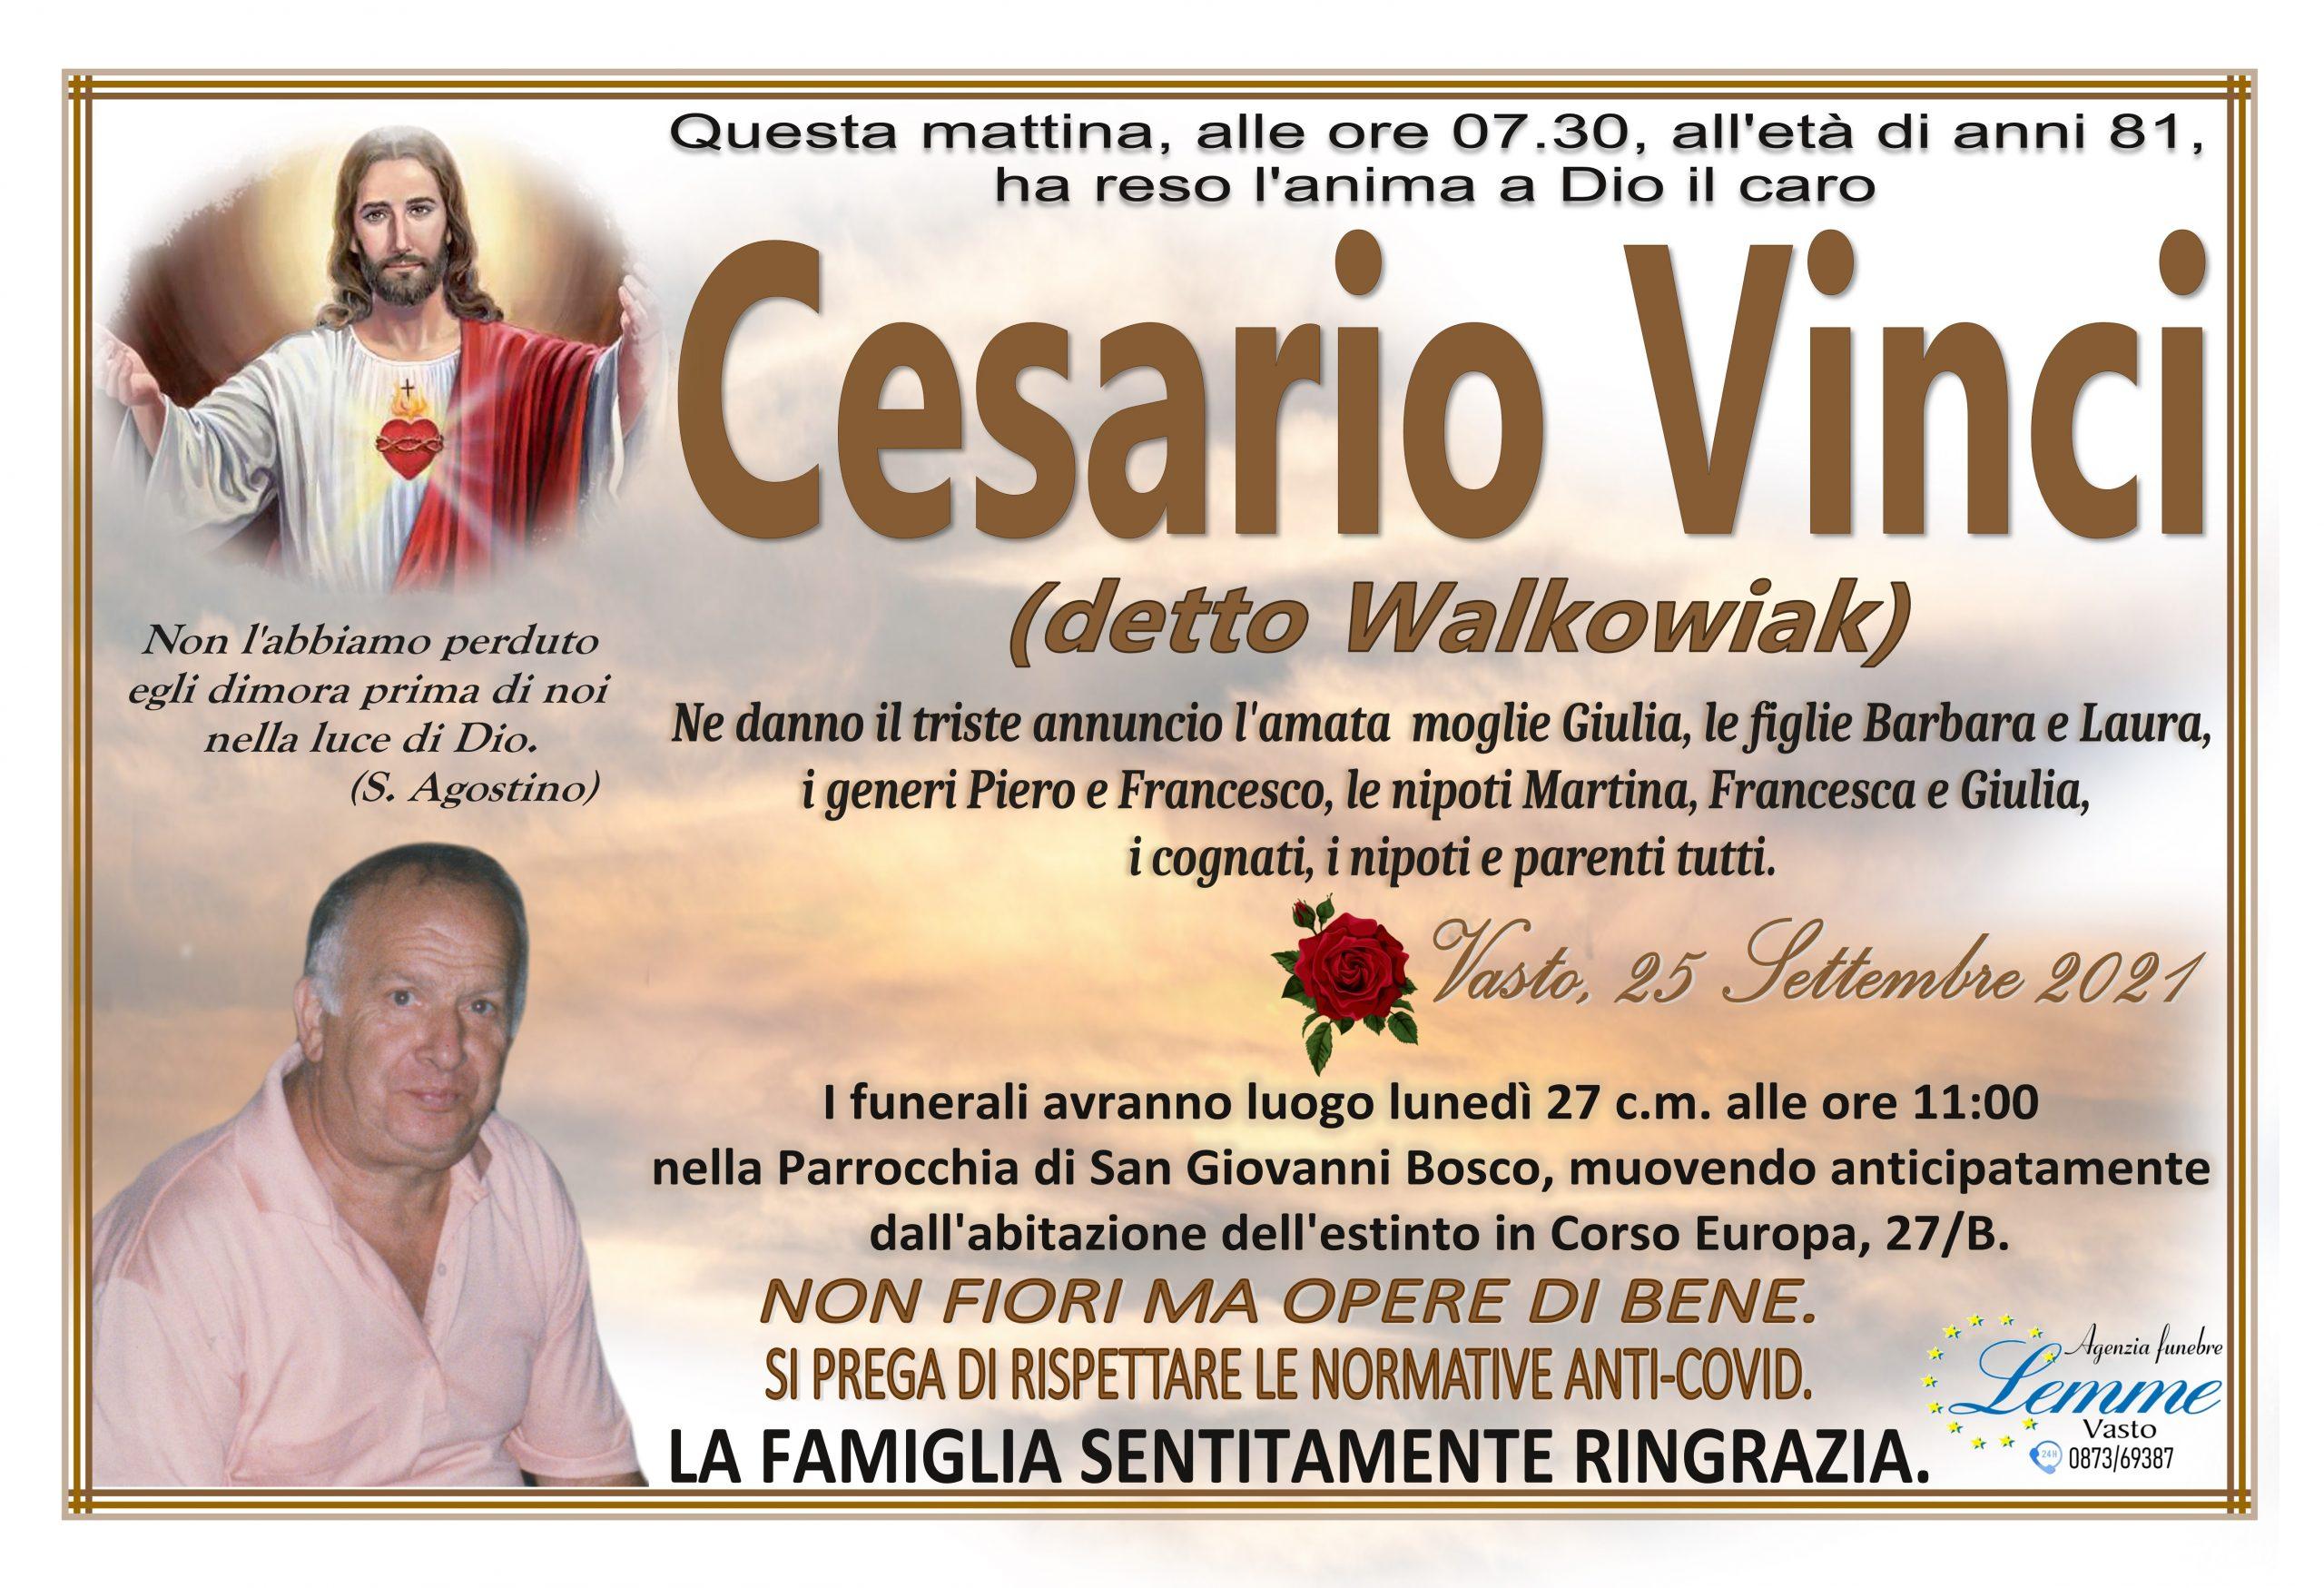 CESARIO VINCI